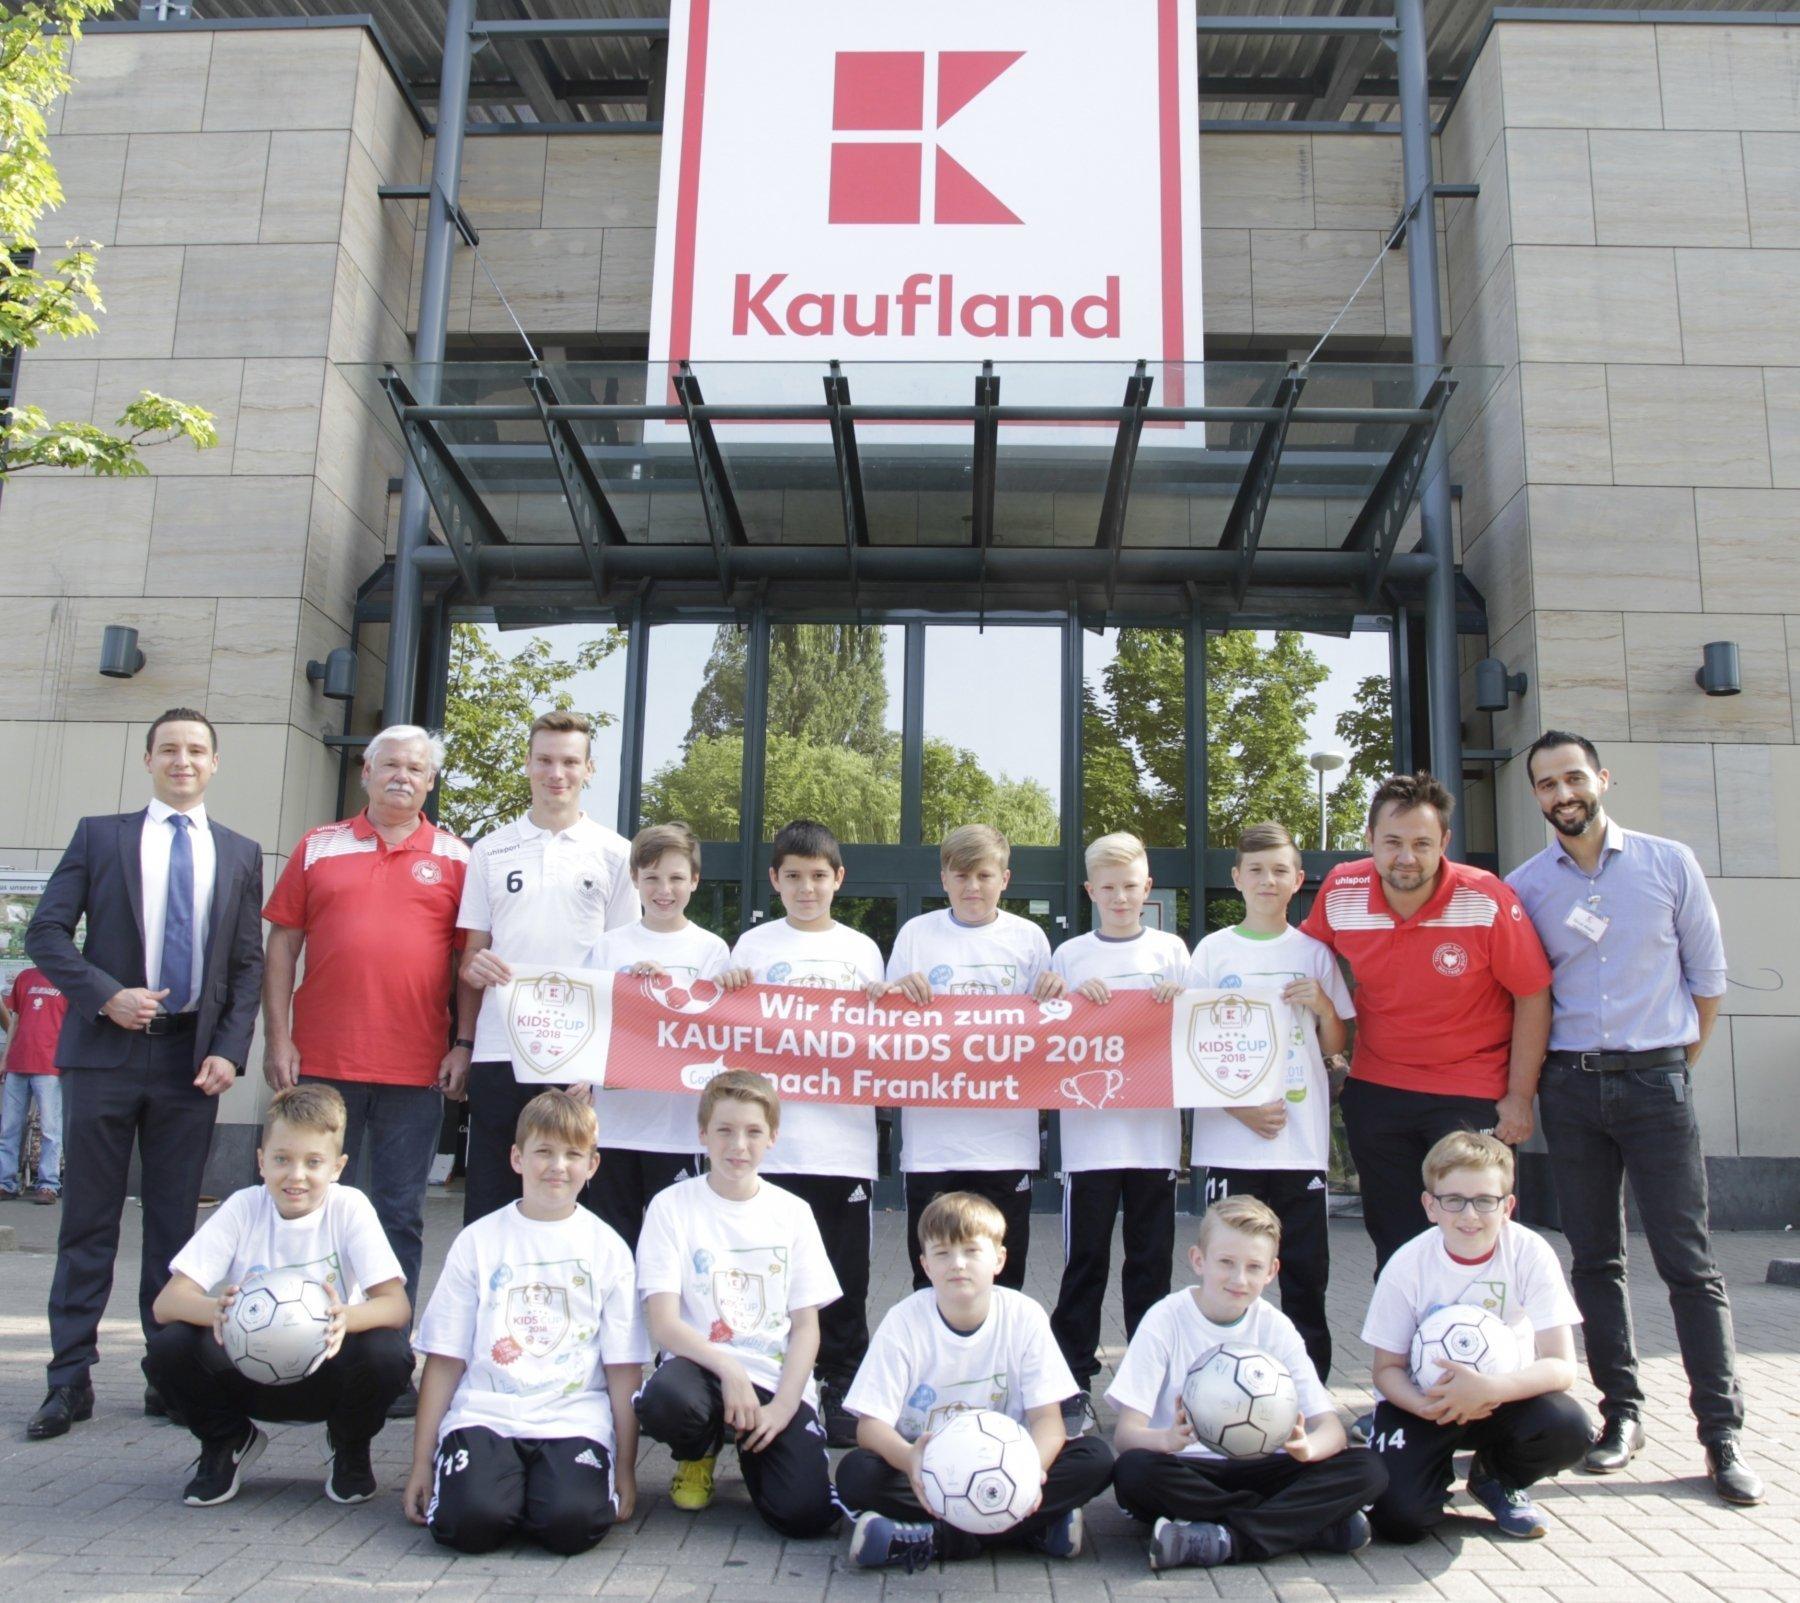 Kaufland Kidscup.De